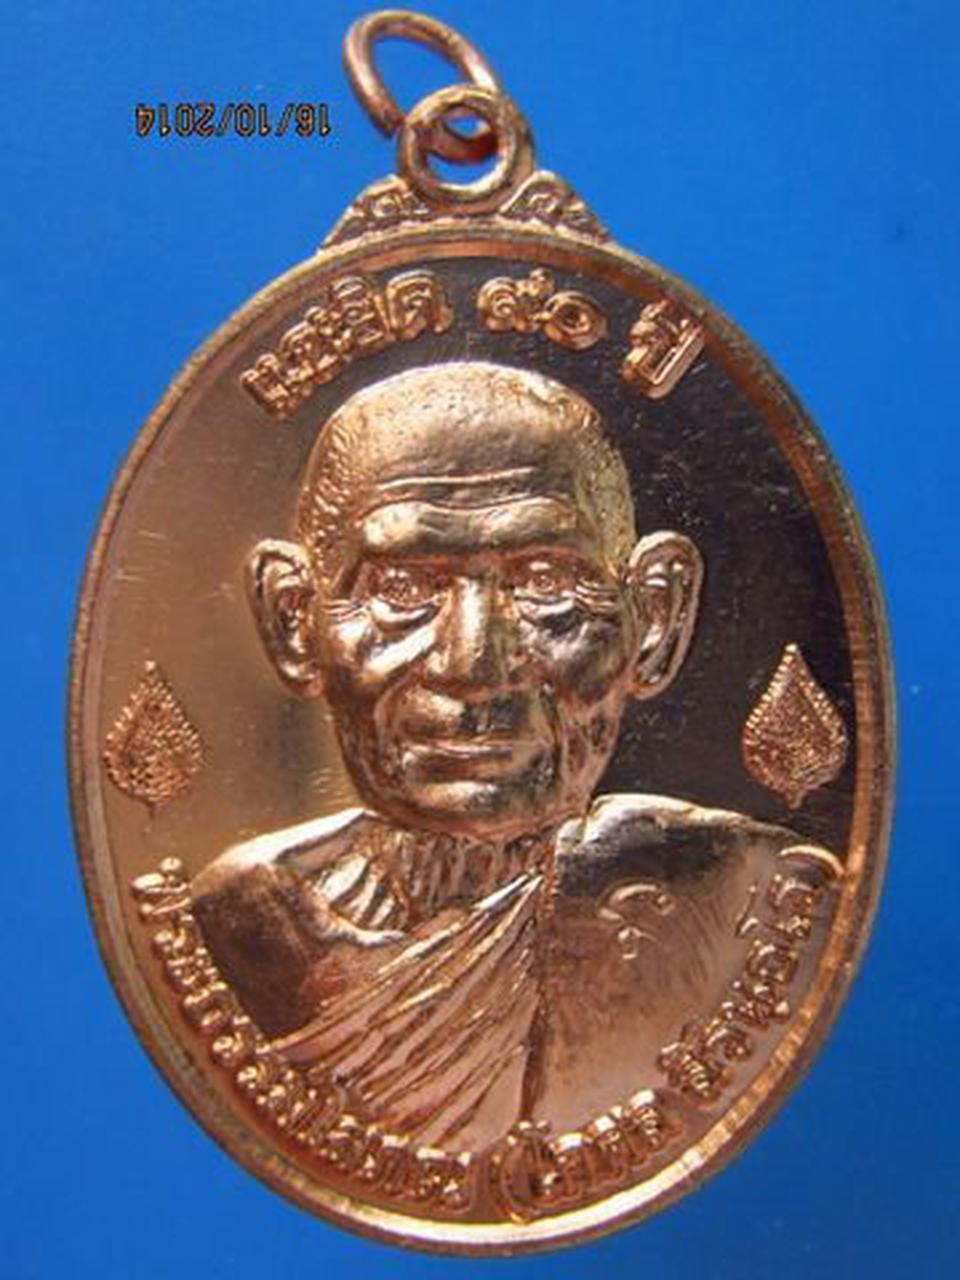 603 เหรียญแซยิด90ปีหลวงพ่อ ใหญ่ วัดสุทธจินดา ปี 2557 โคราช  รูปที่ 4